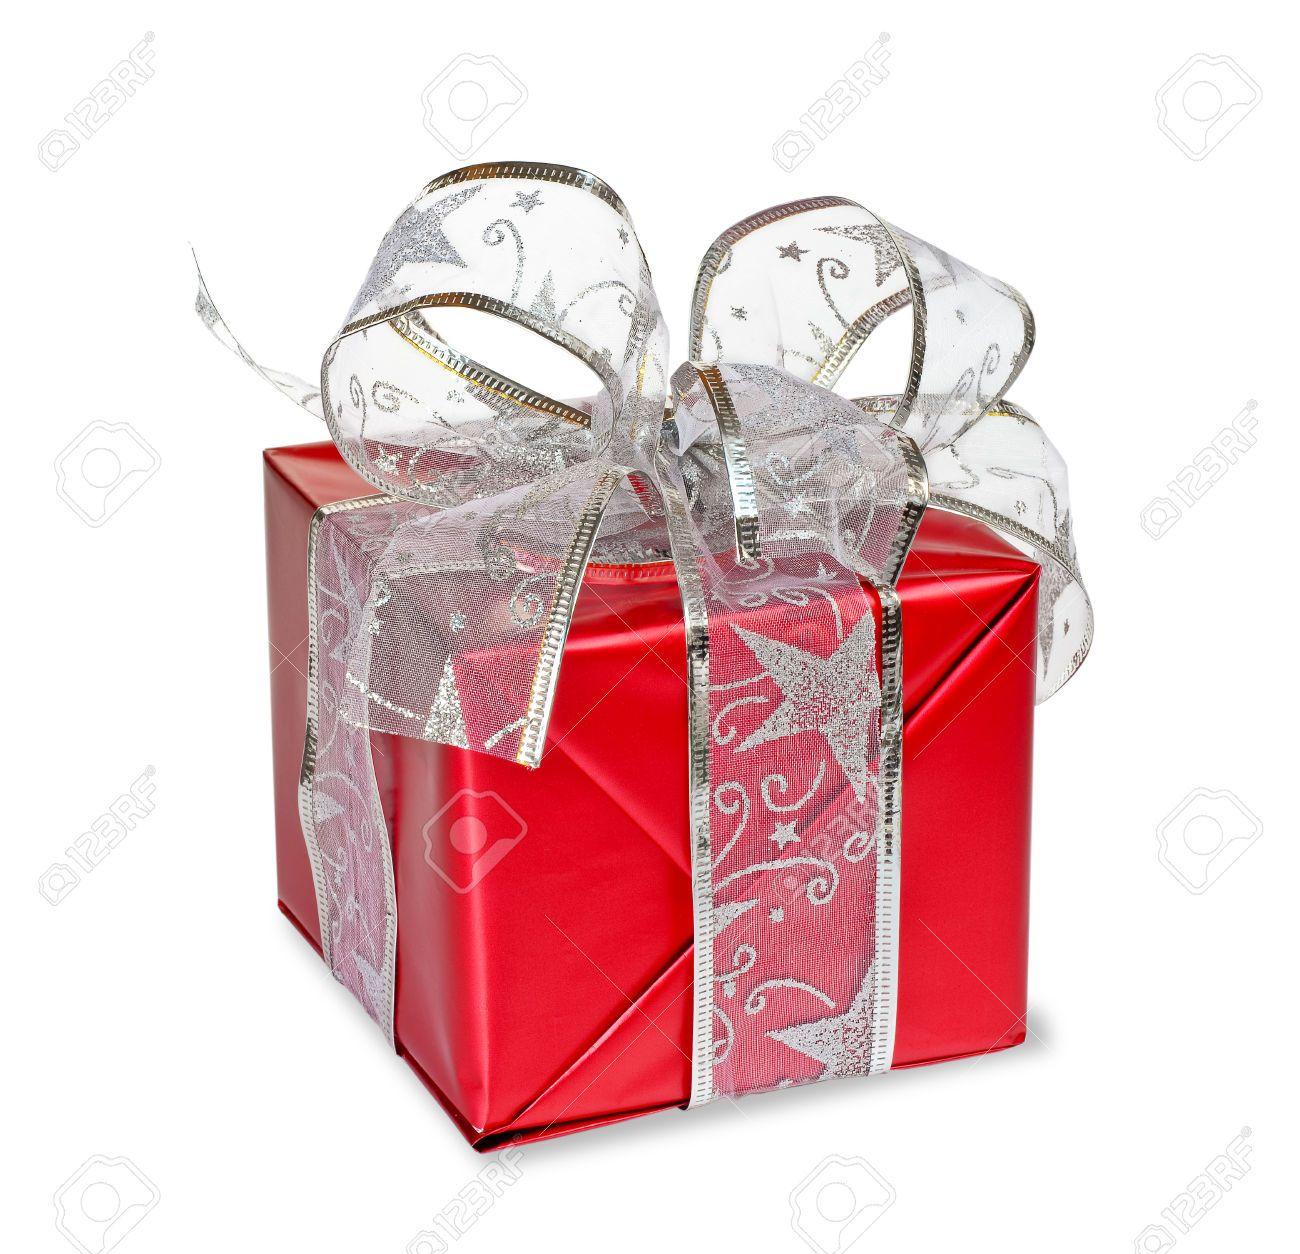 Boîte De Cadeau Avec Un Ruban Rouge Noué Argent Sur Fond Blanc Banque D'Images Et Photos Libres De Droits. Image 26283242.